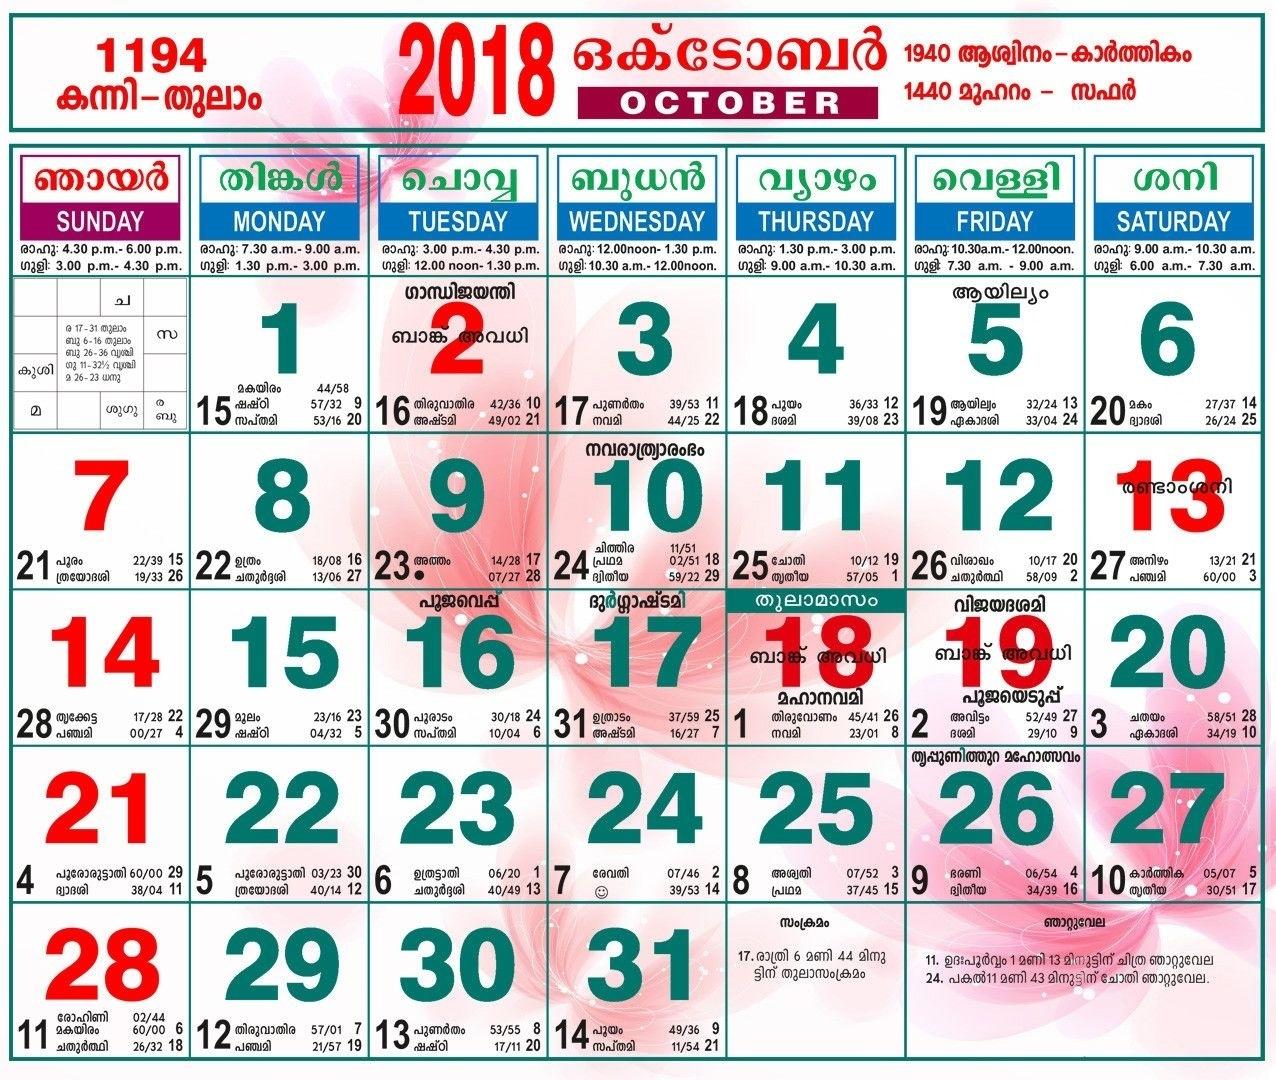 October 2018 Calendar Malayalam   Qualads Malayalam Calendar 2021 October